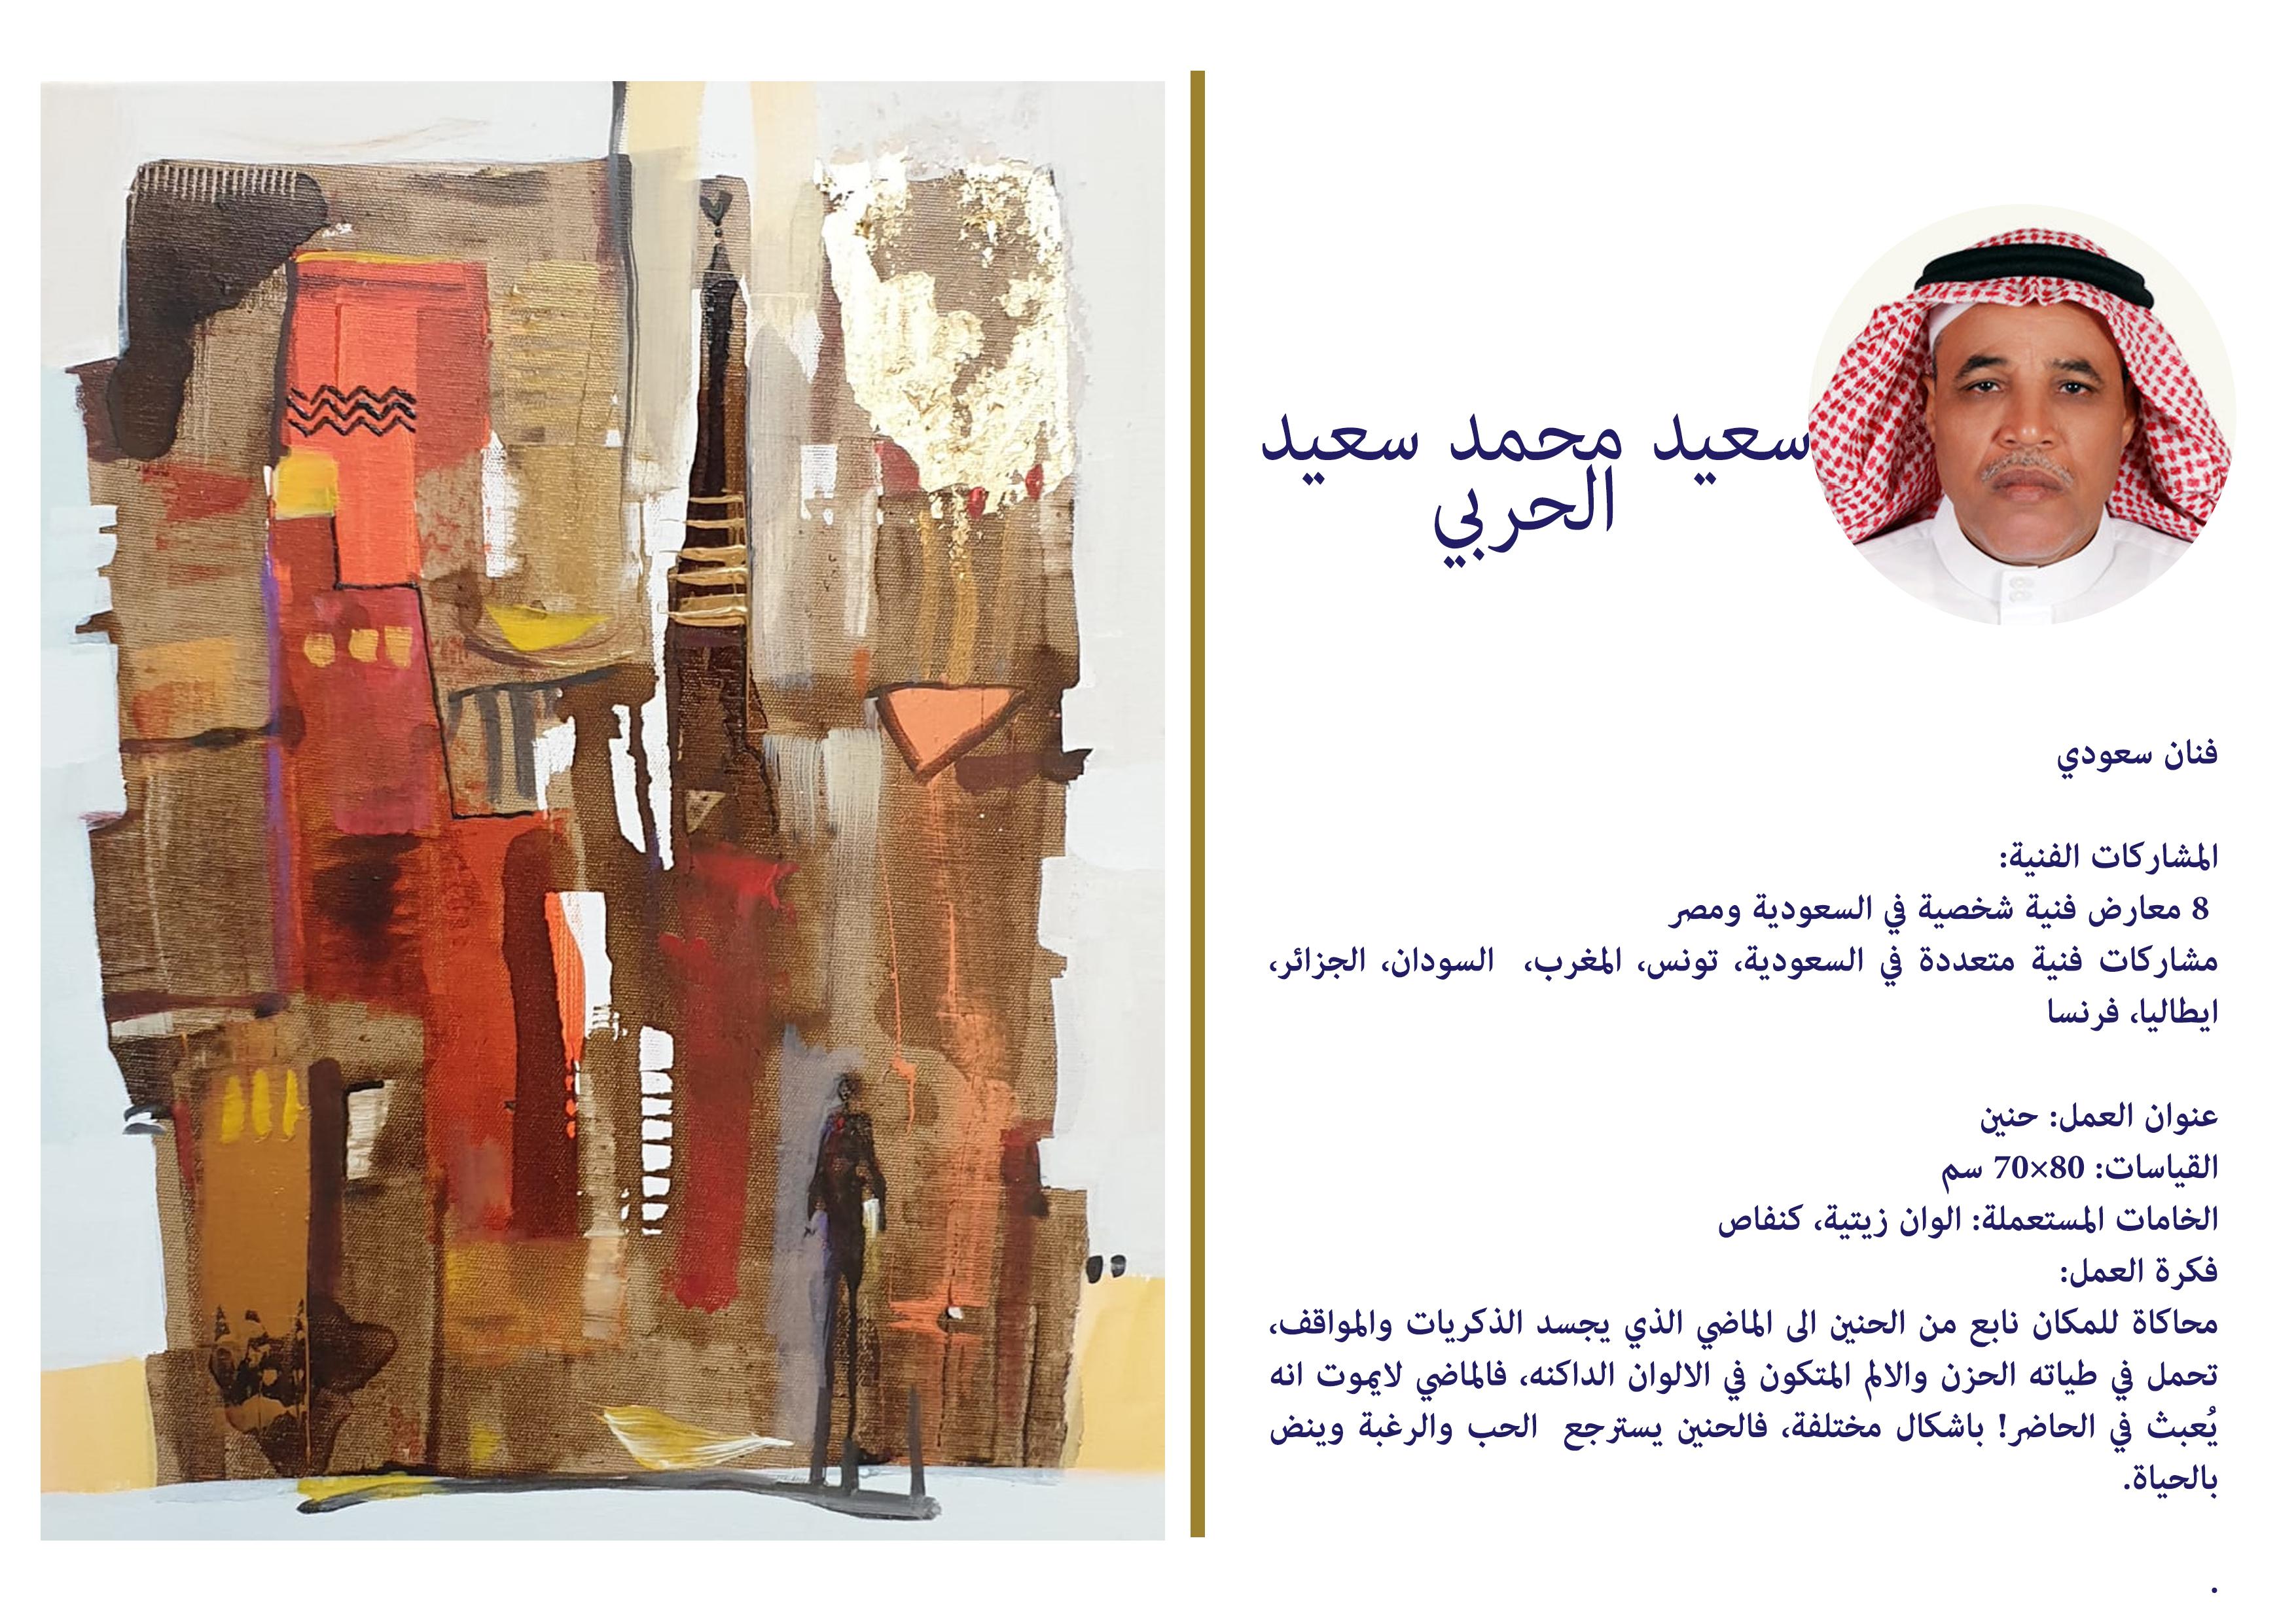 سعيد محمد الحربي